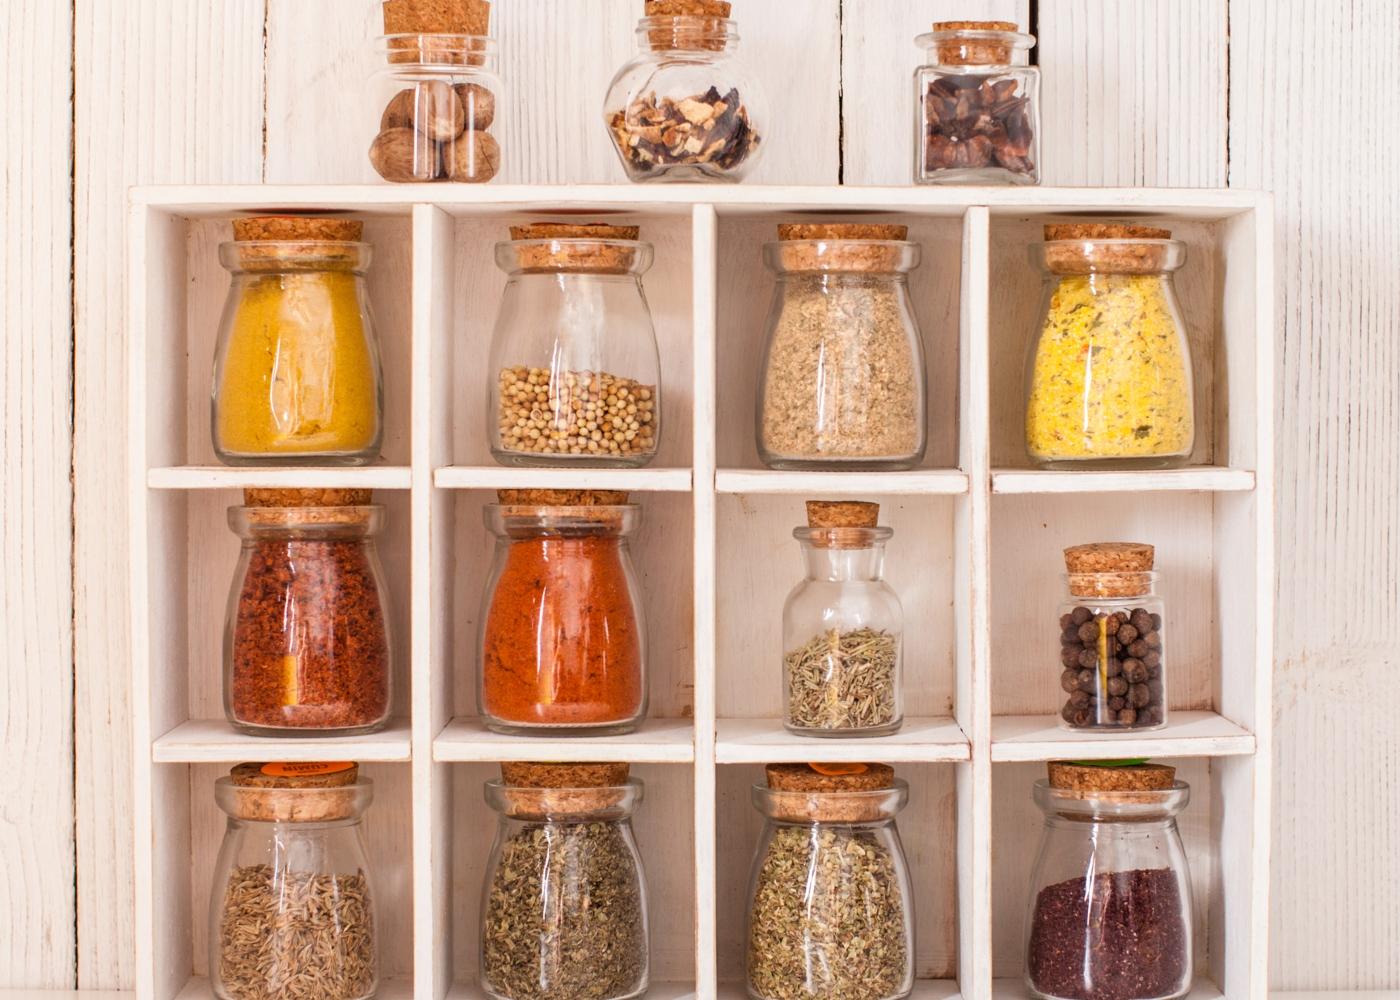 especiarias e outros alimentos guardados em frascos de vidro